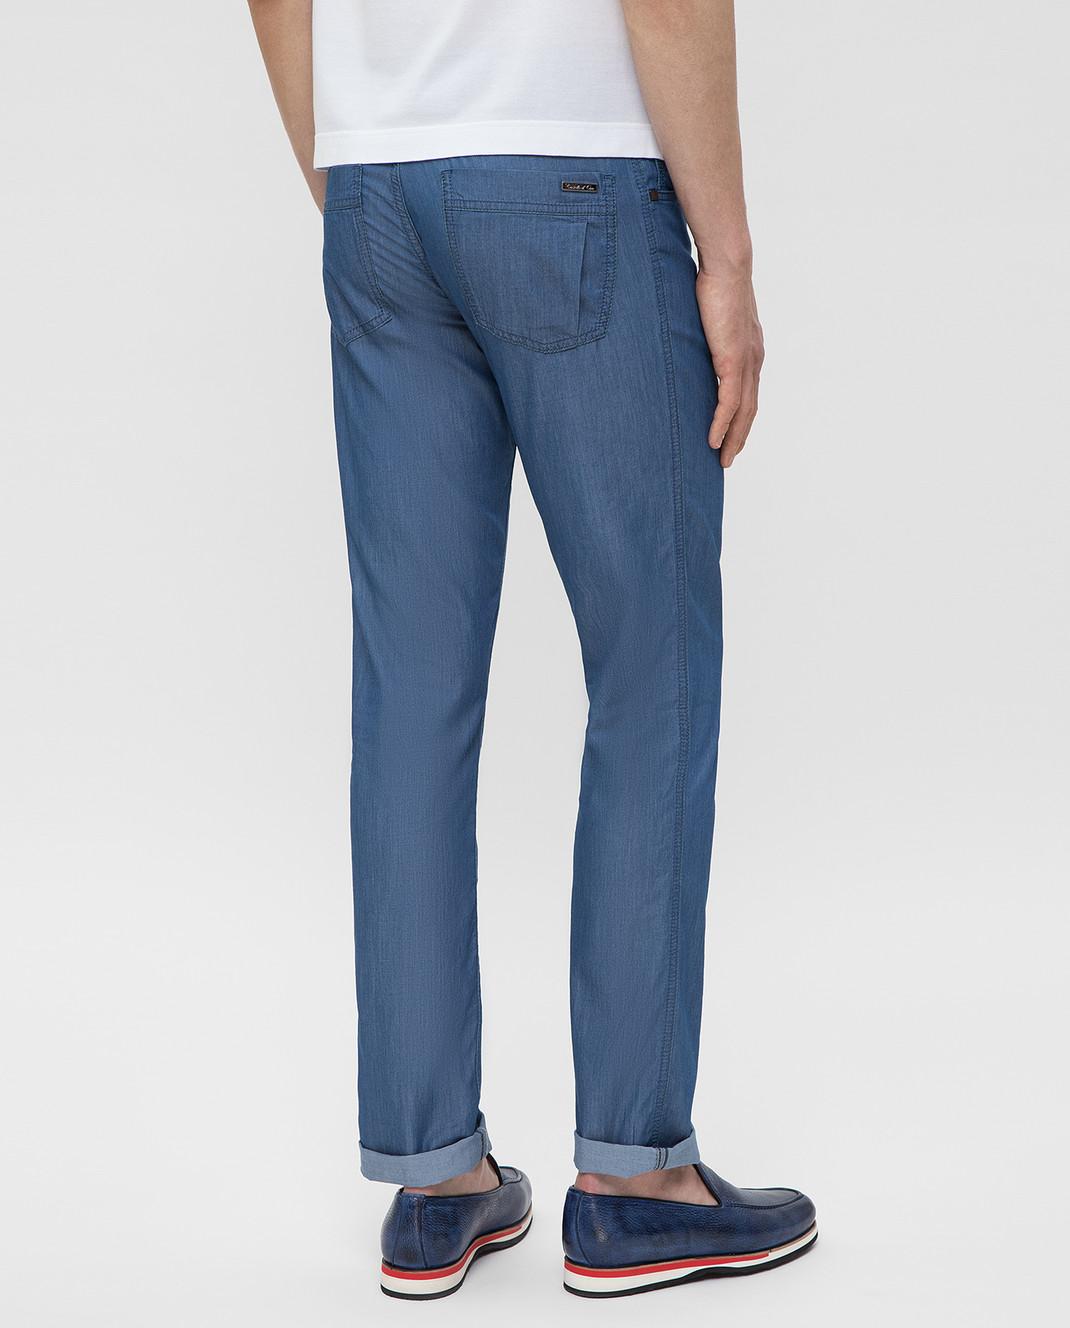 Castello d'Oro Синие джинсы изображение 4